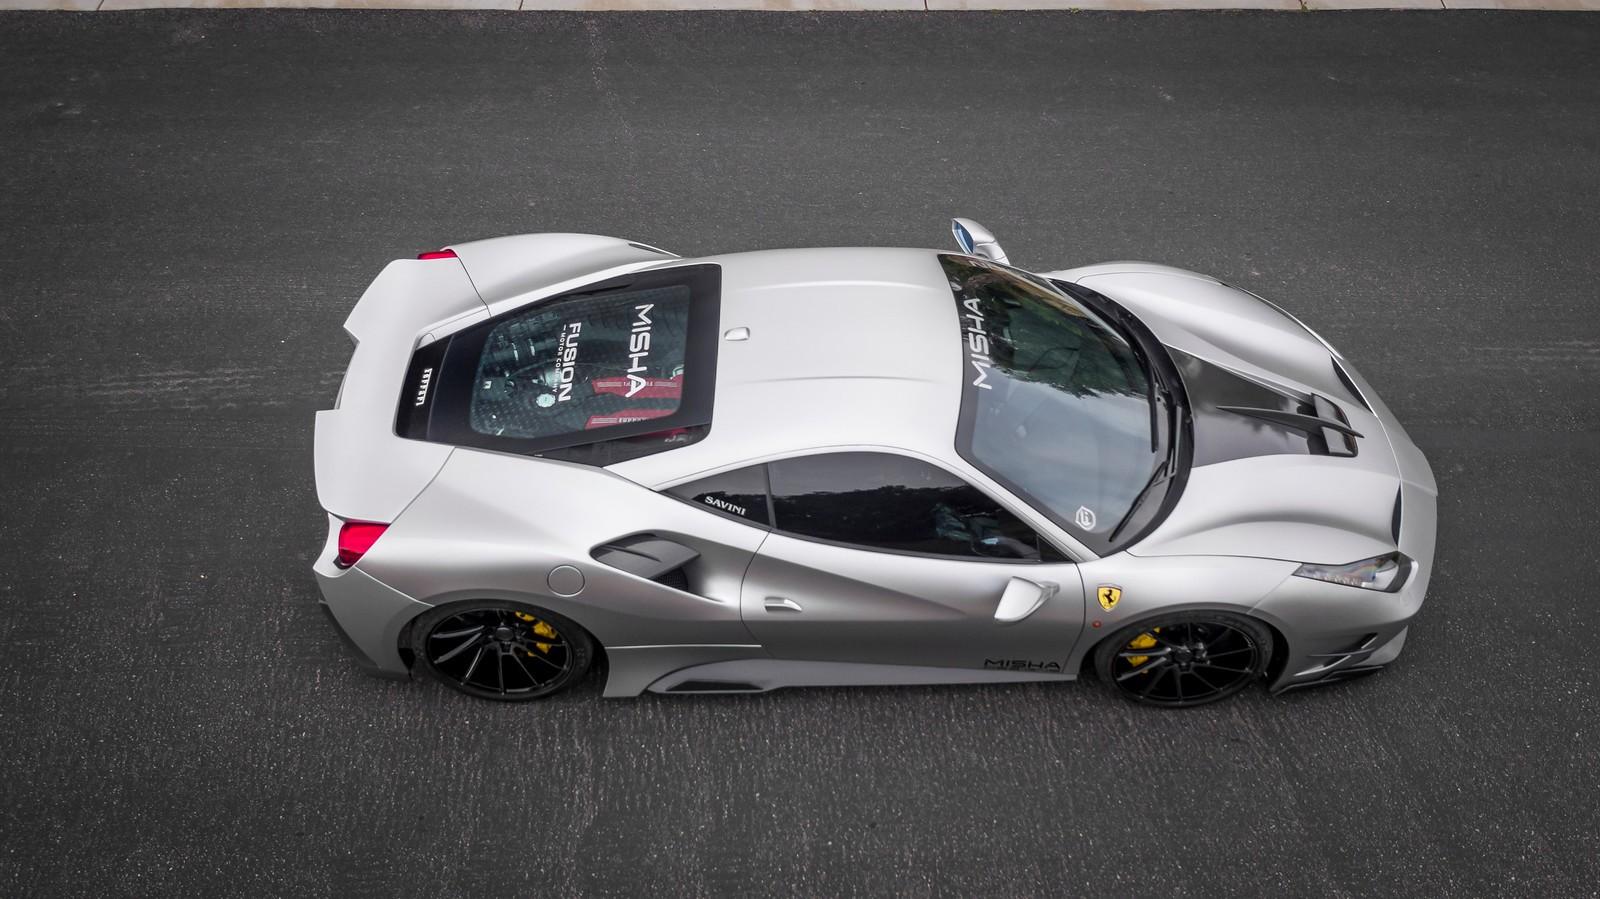 Auto Add Ons >> Misha Designs Launches Aggressive Body Kit For Ferrari 488 GTB - autoevolution